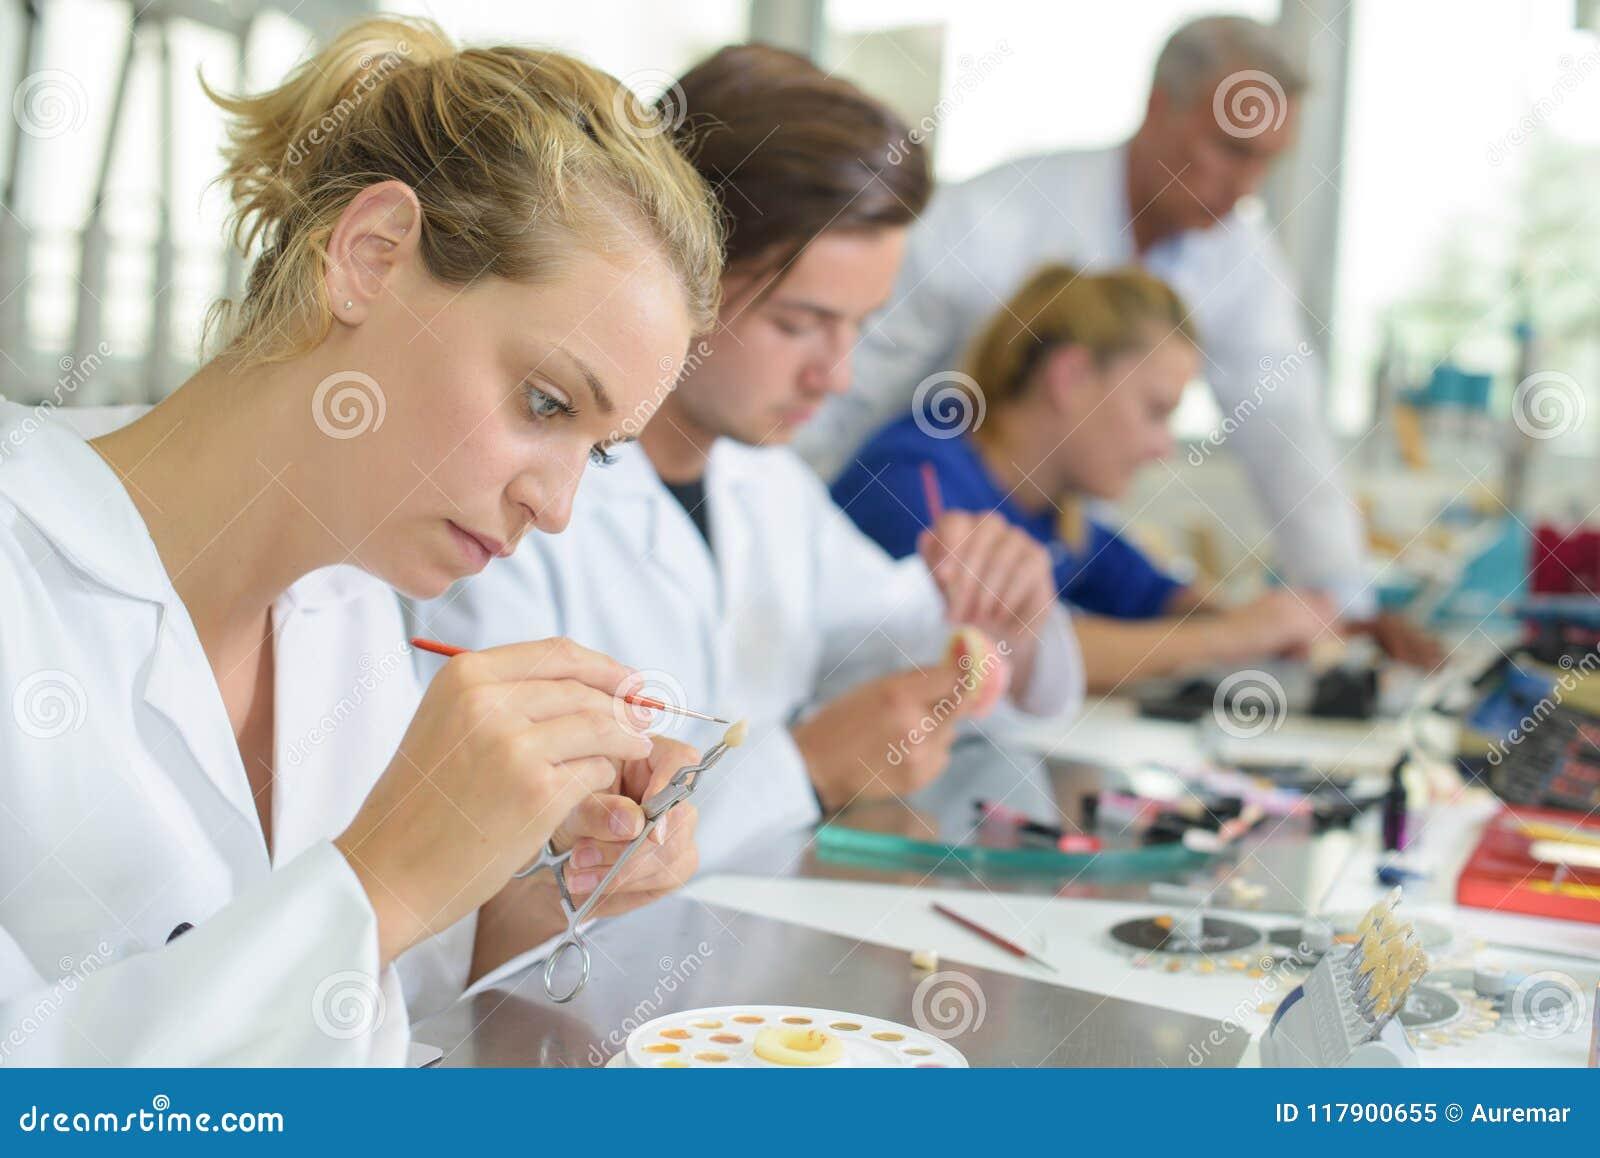 Técnico fêmea que adiciona a cor ao dente falso